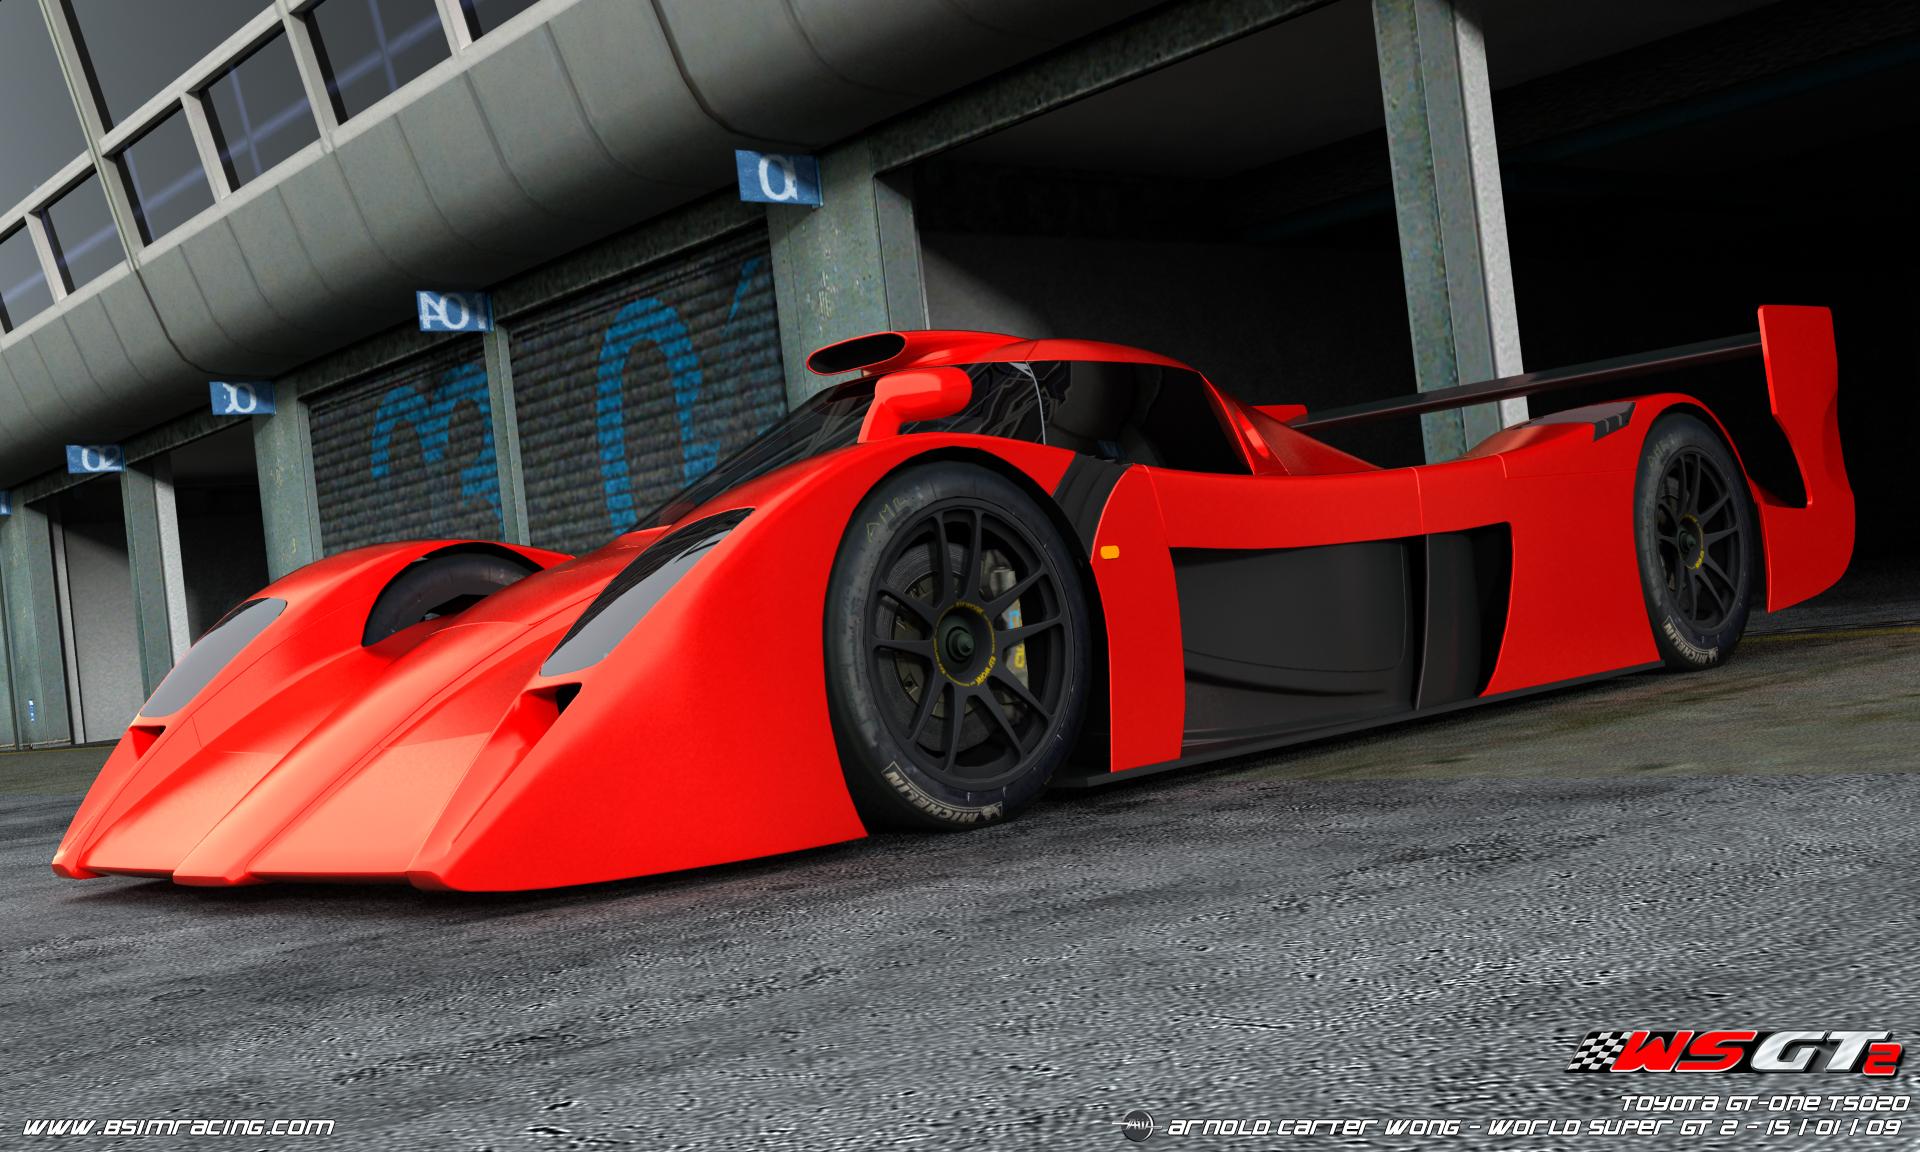 world super gt 2 toyota gt one render sim racing news. Black Bedroom Furniture Sets. Home Design Ideas